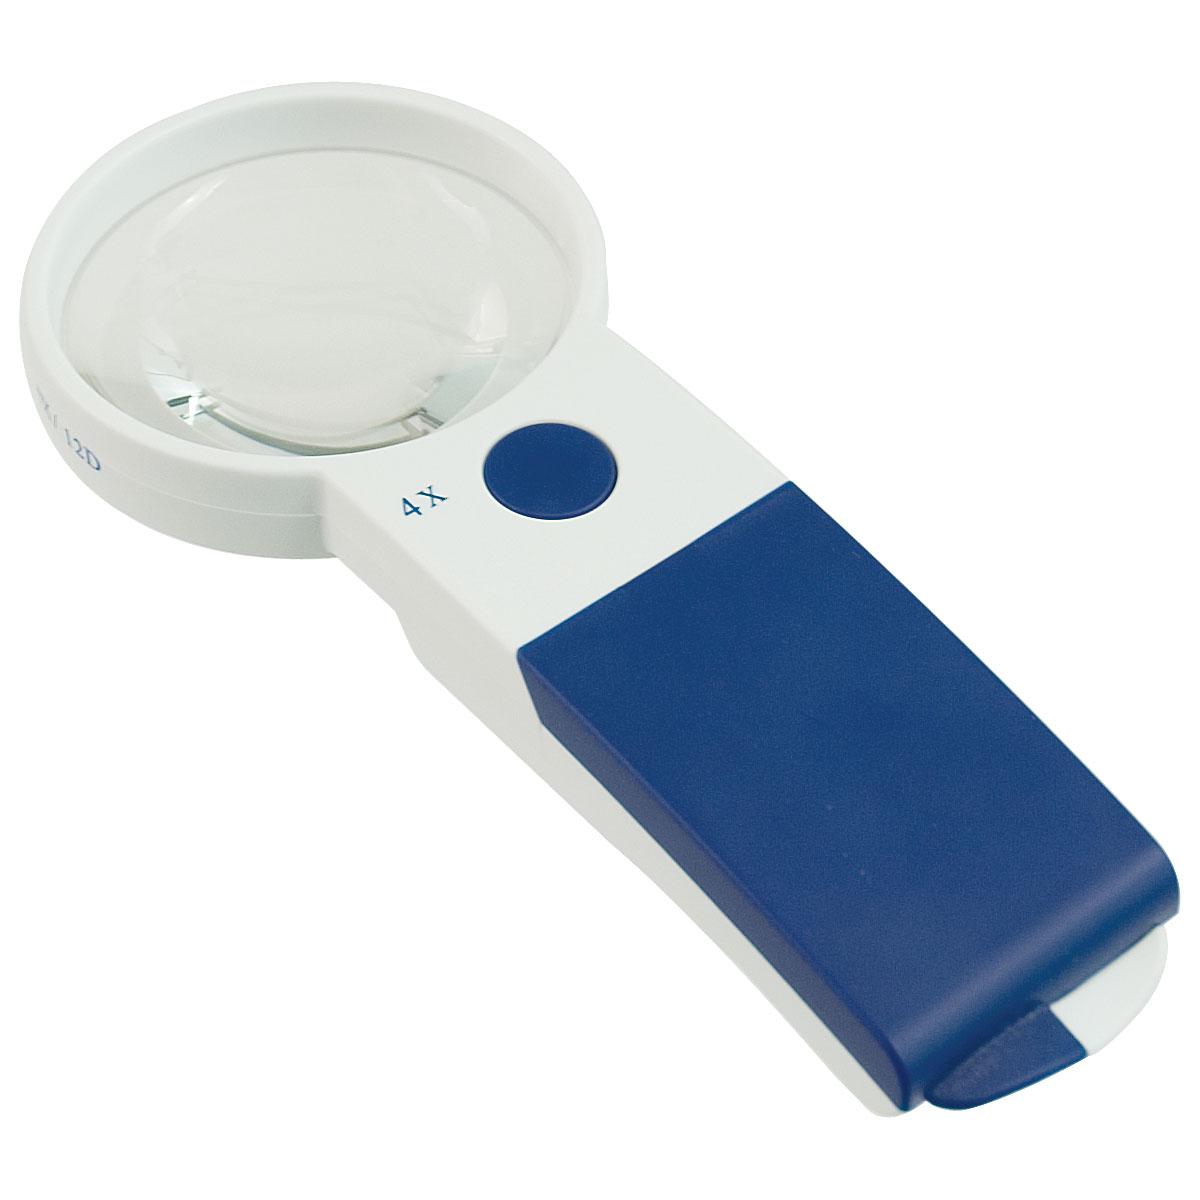 Reizen EZ Touch 4X 12D LED Handheld Magnifier - Round Lens 70mm